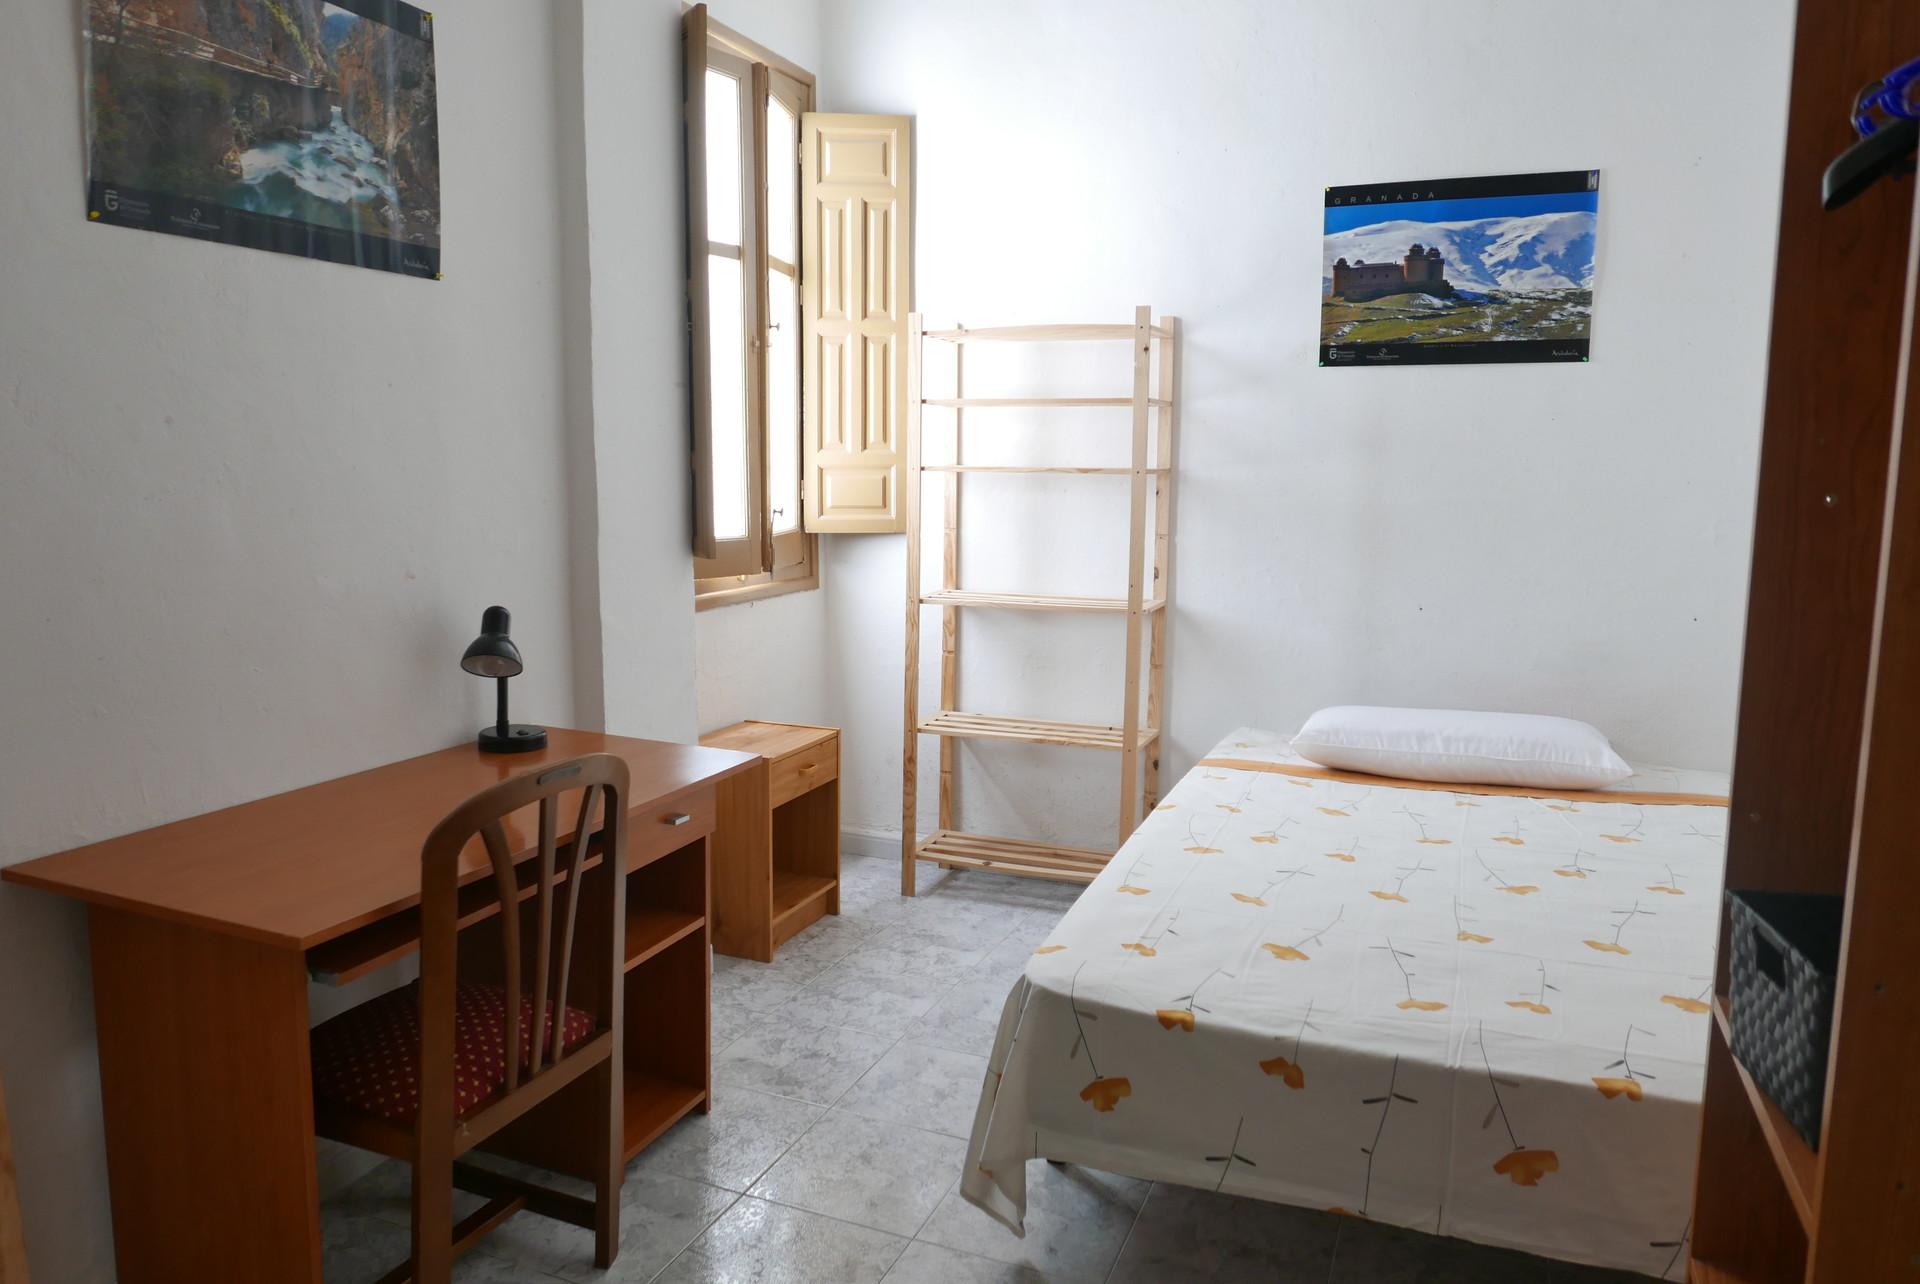 Habitaci n en piso de estudiantes en el centro de granada for Pisos estudiantes almeria